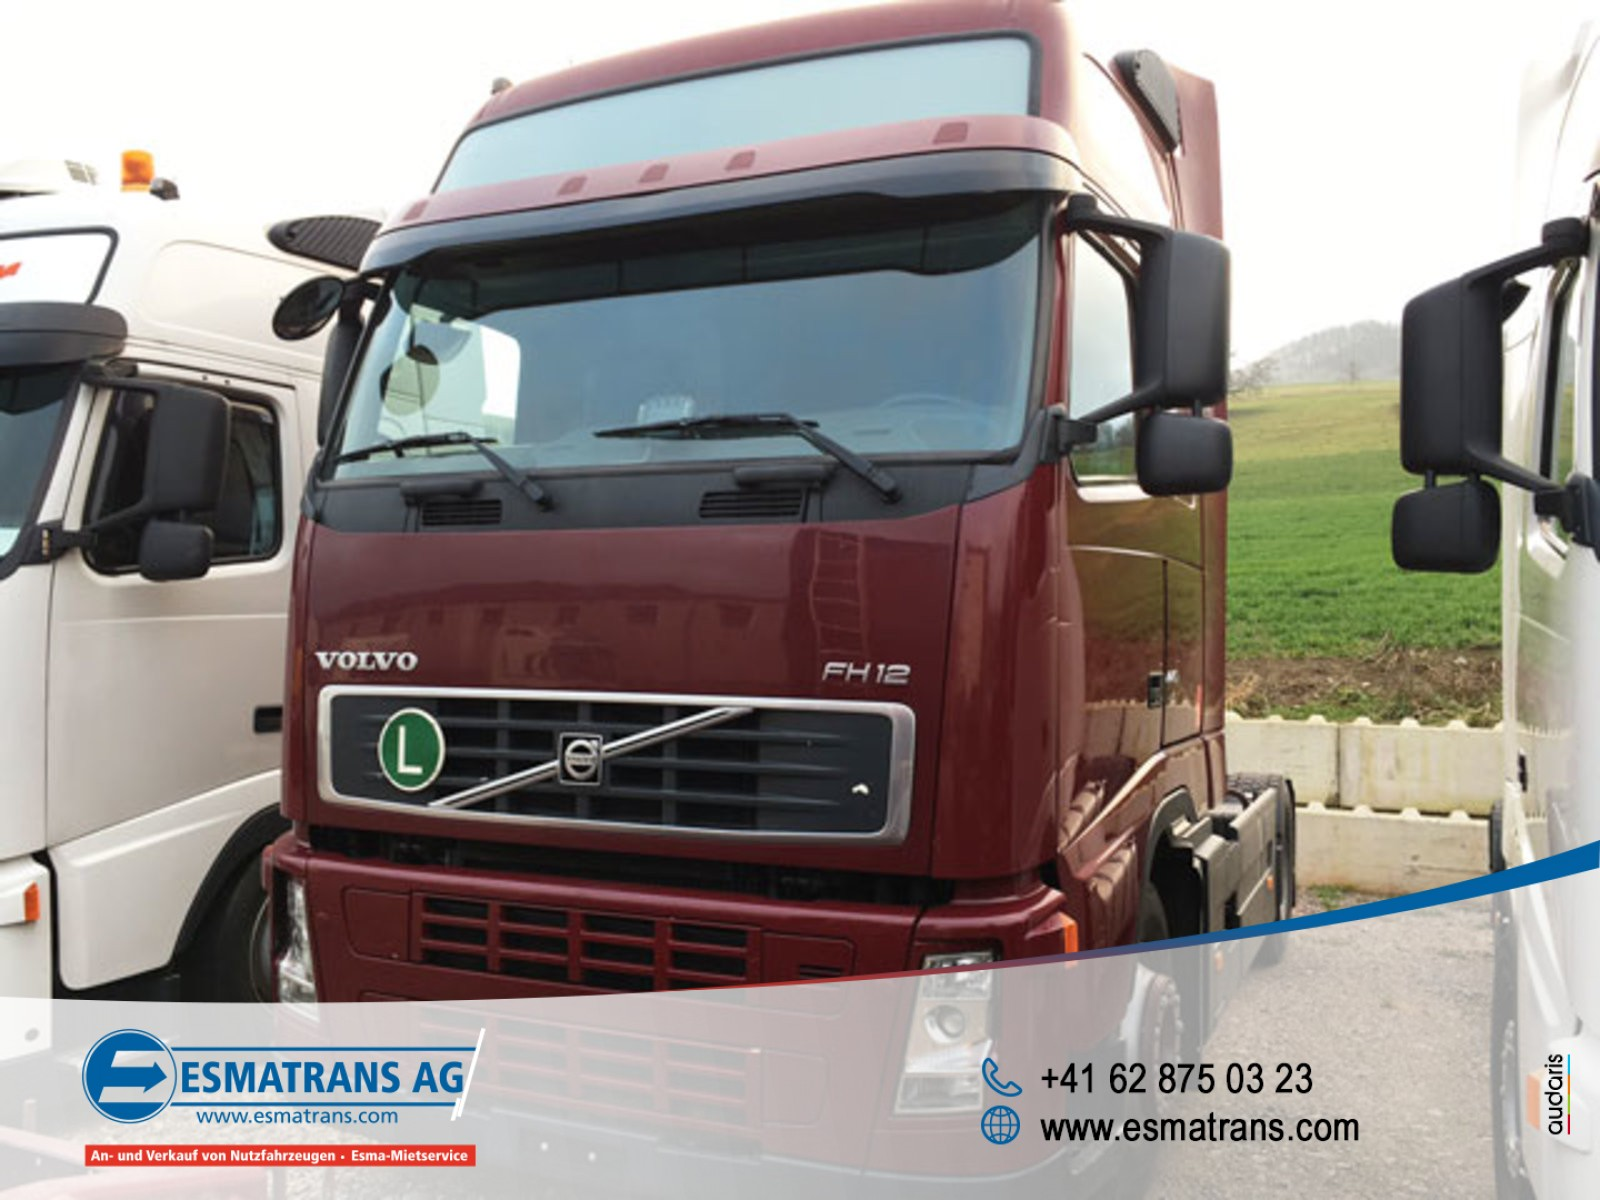 FRAN6306_882832 vehicle image